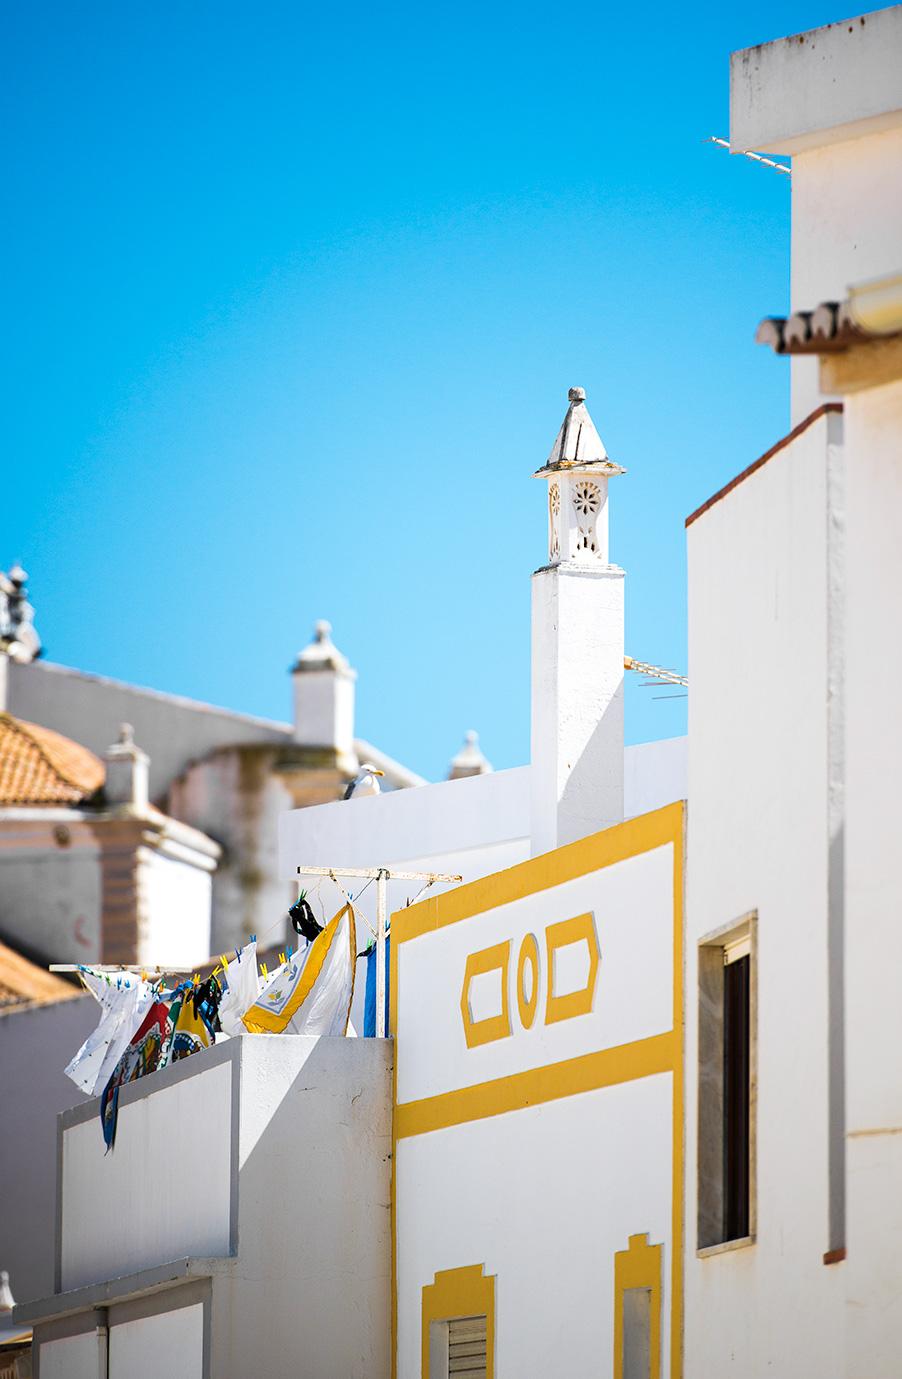 lisa-lee-photography-urban-landscapes-portugal-4.jpg